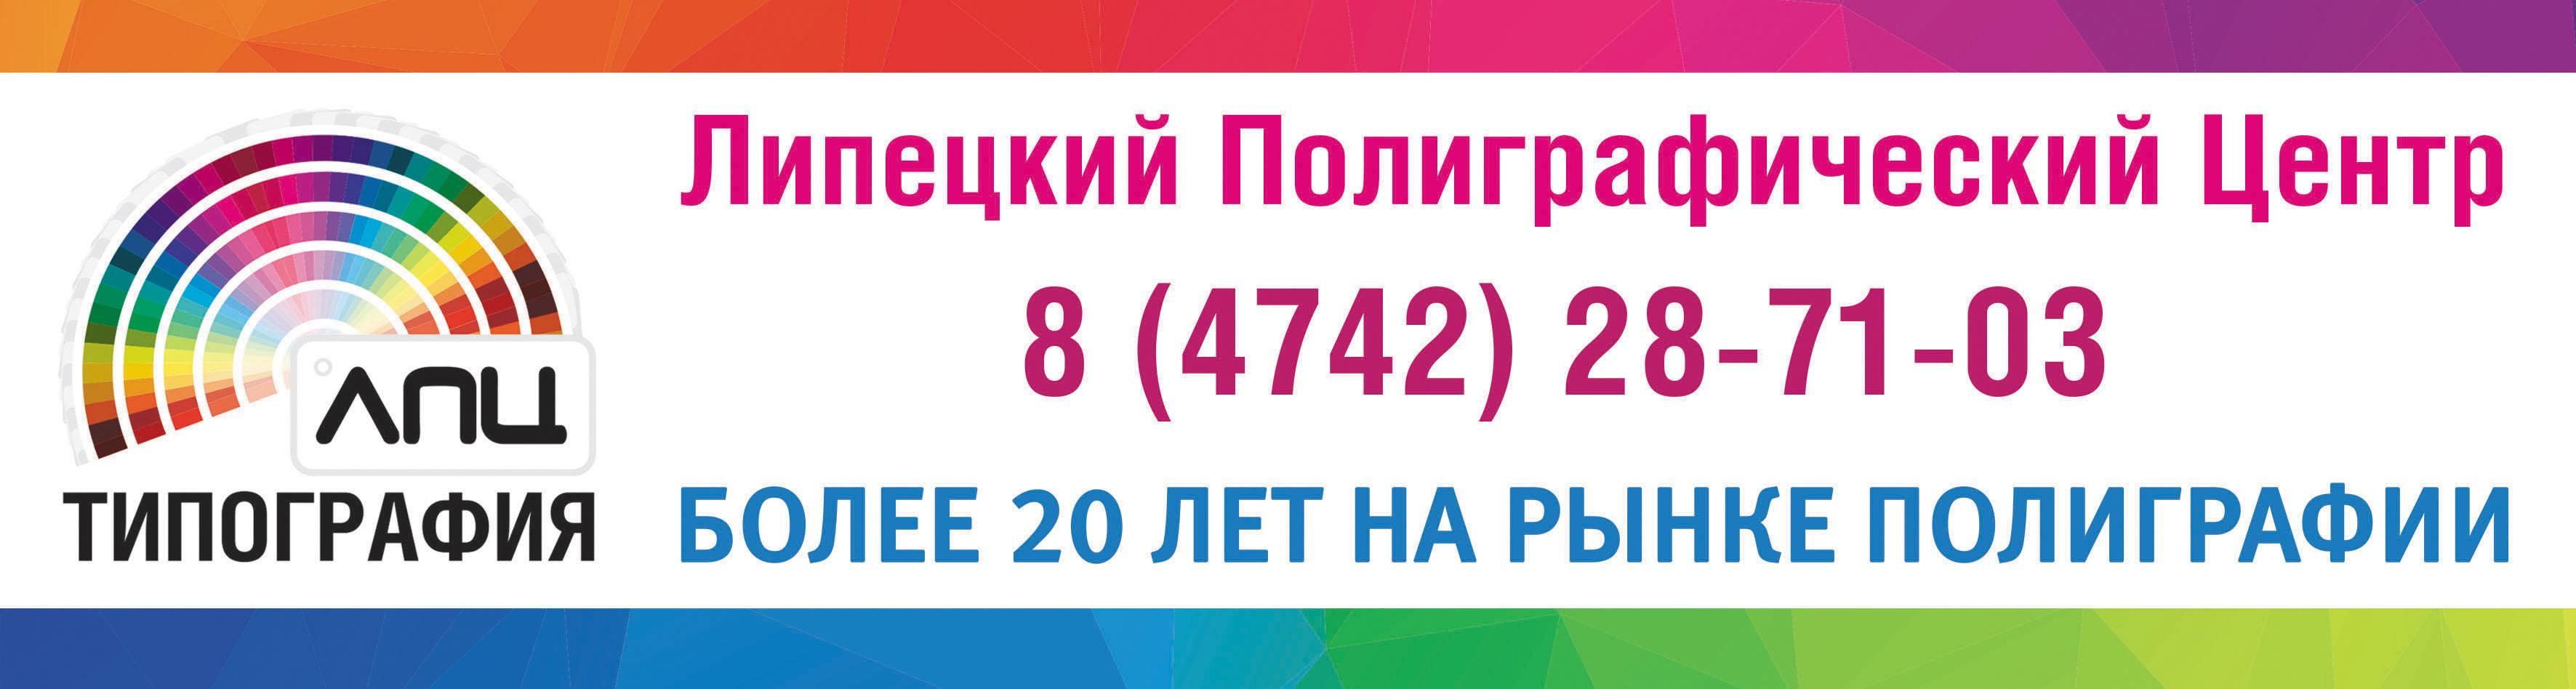 Липецкий Полиграфический Центр